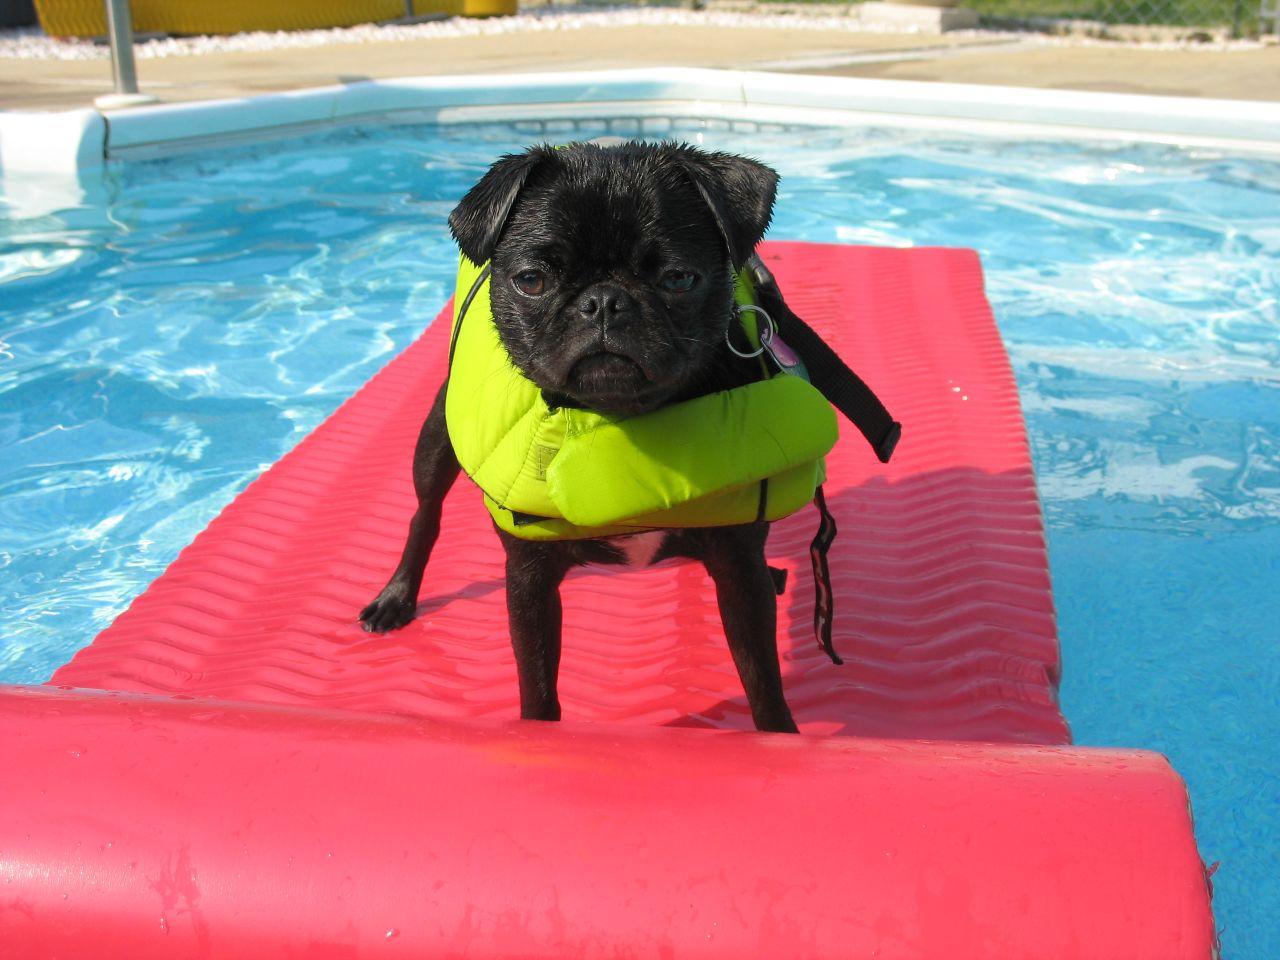 Dog wearing life jacket to safe swim